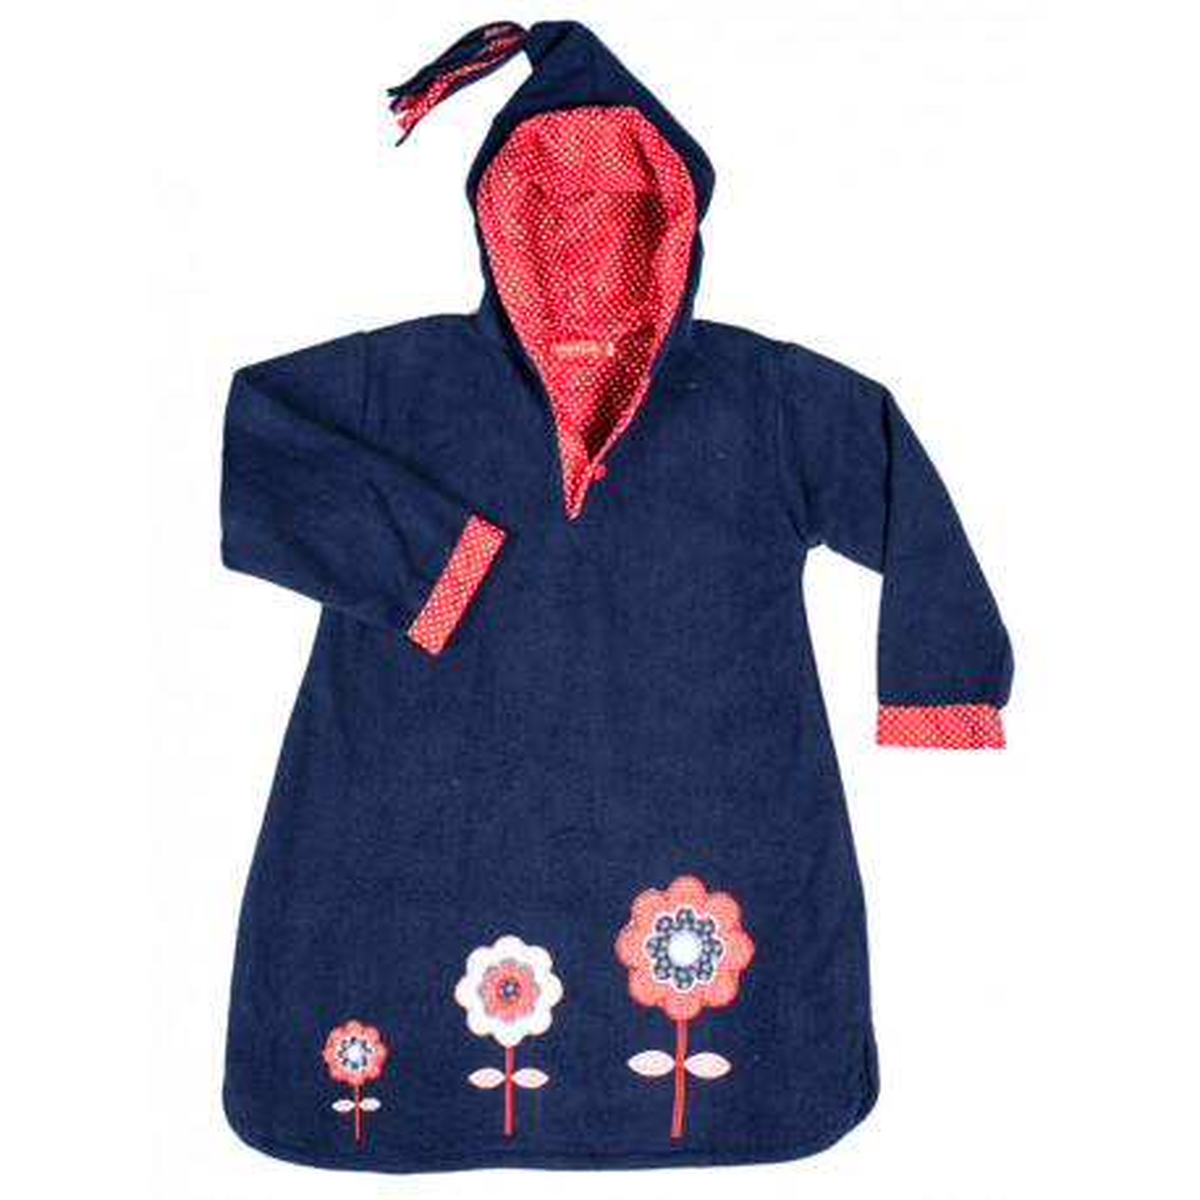 Burnou polaire enfant bleu marine et fleurs rouges